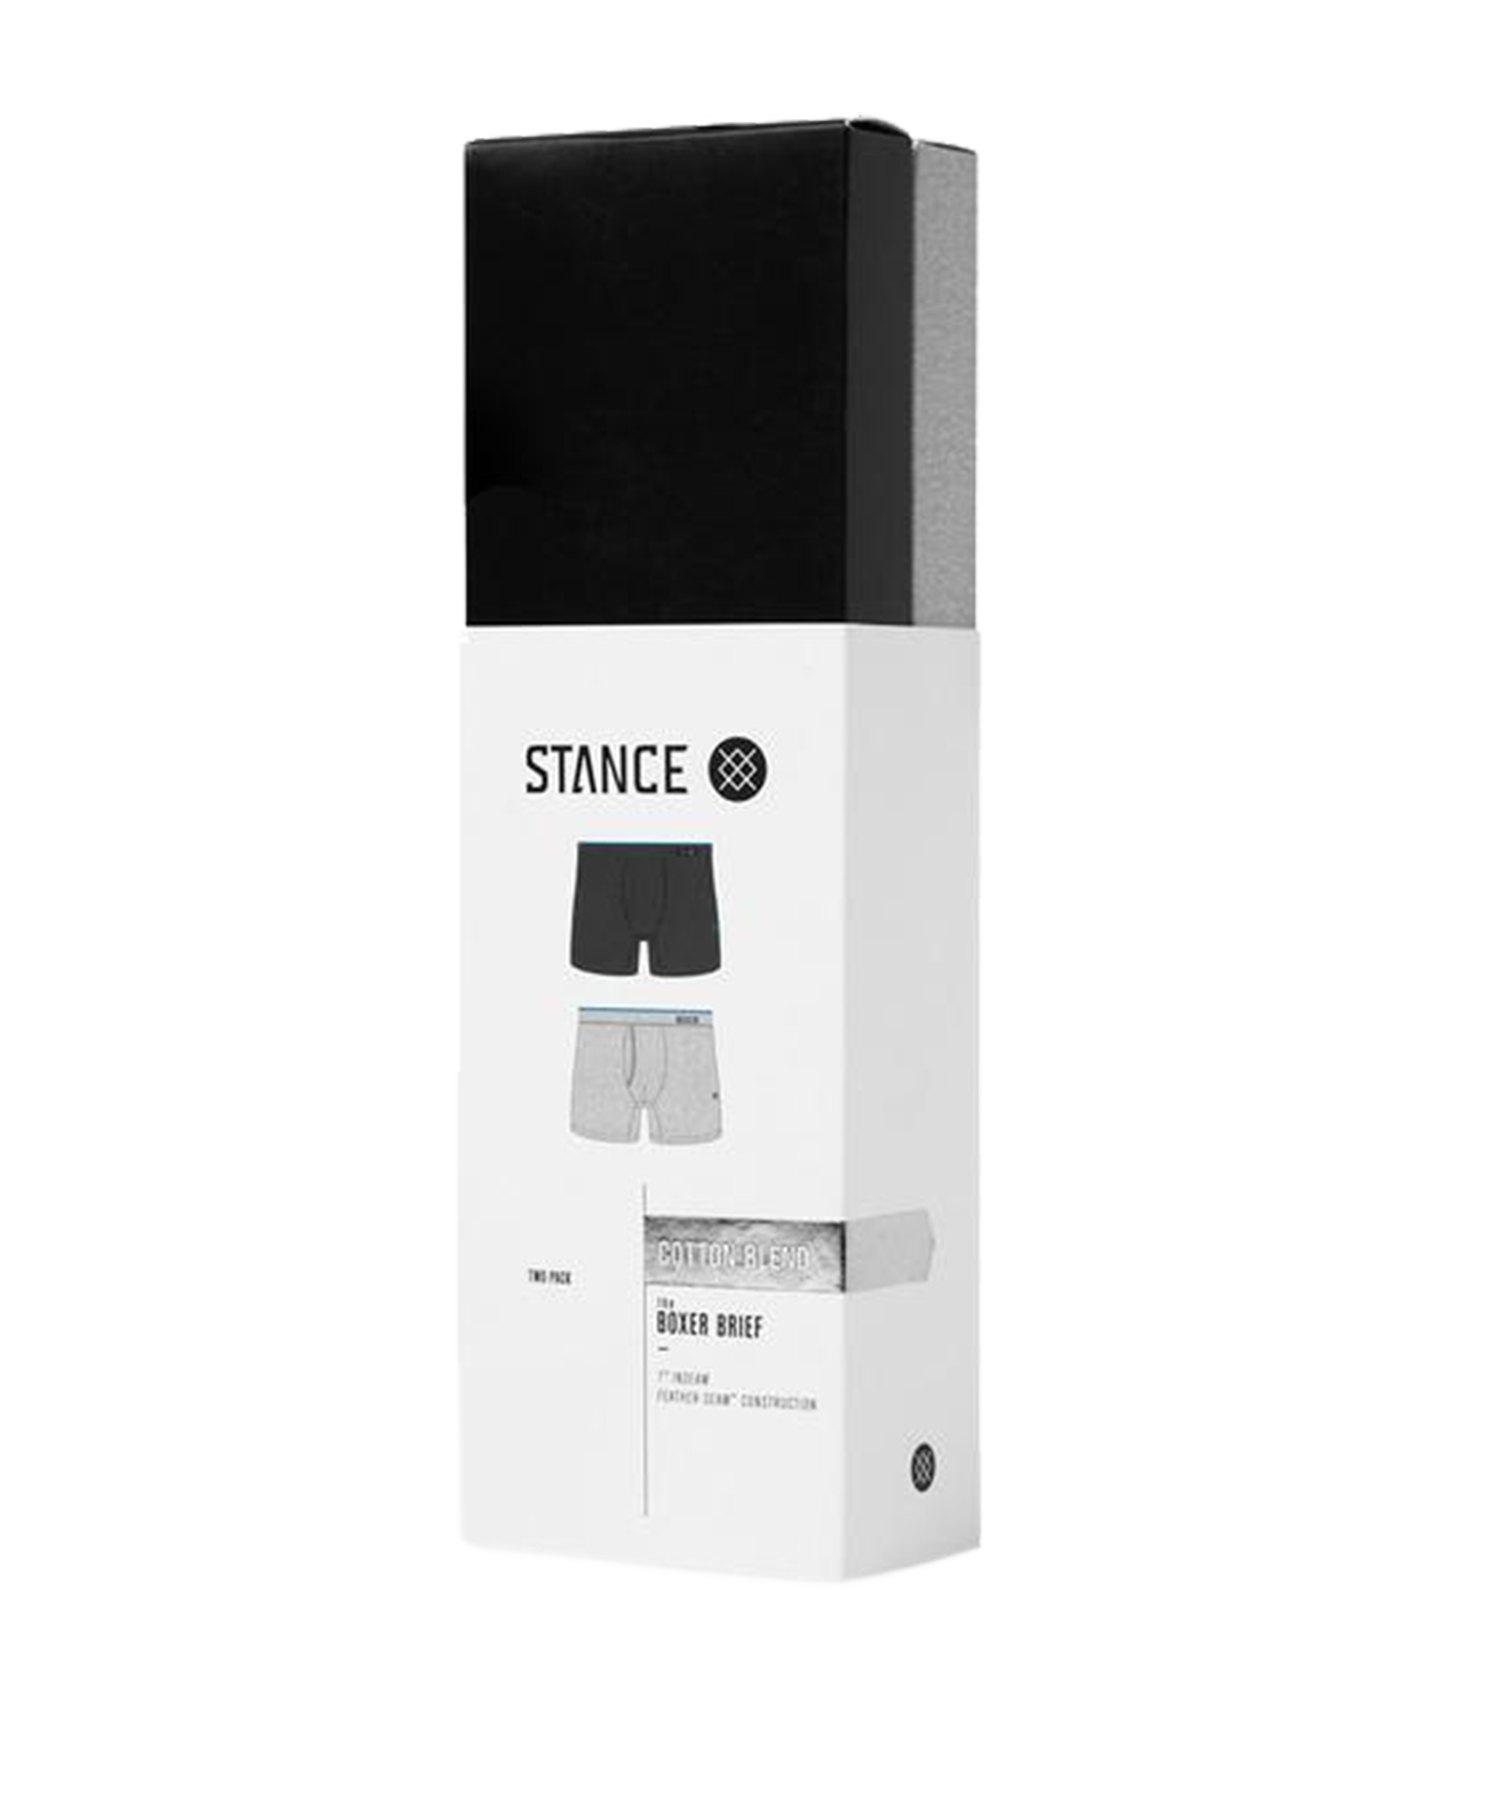 Stance Standard Brief Boxer 2er Pack Schwarz Grau - schwarz